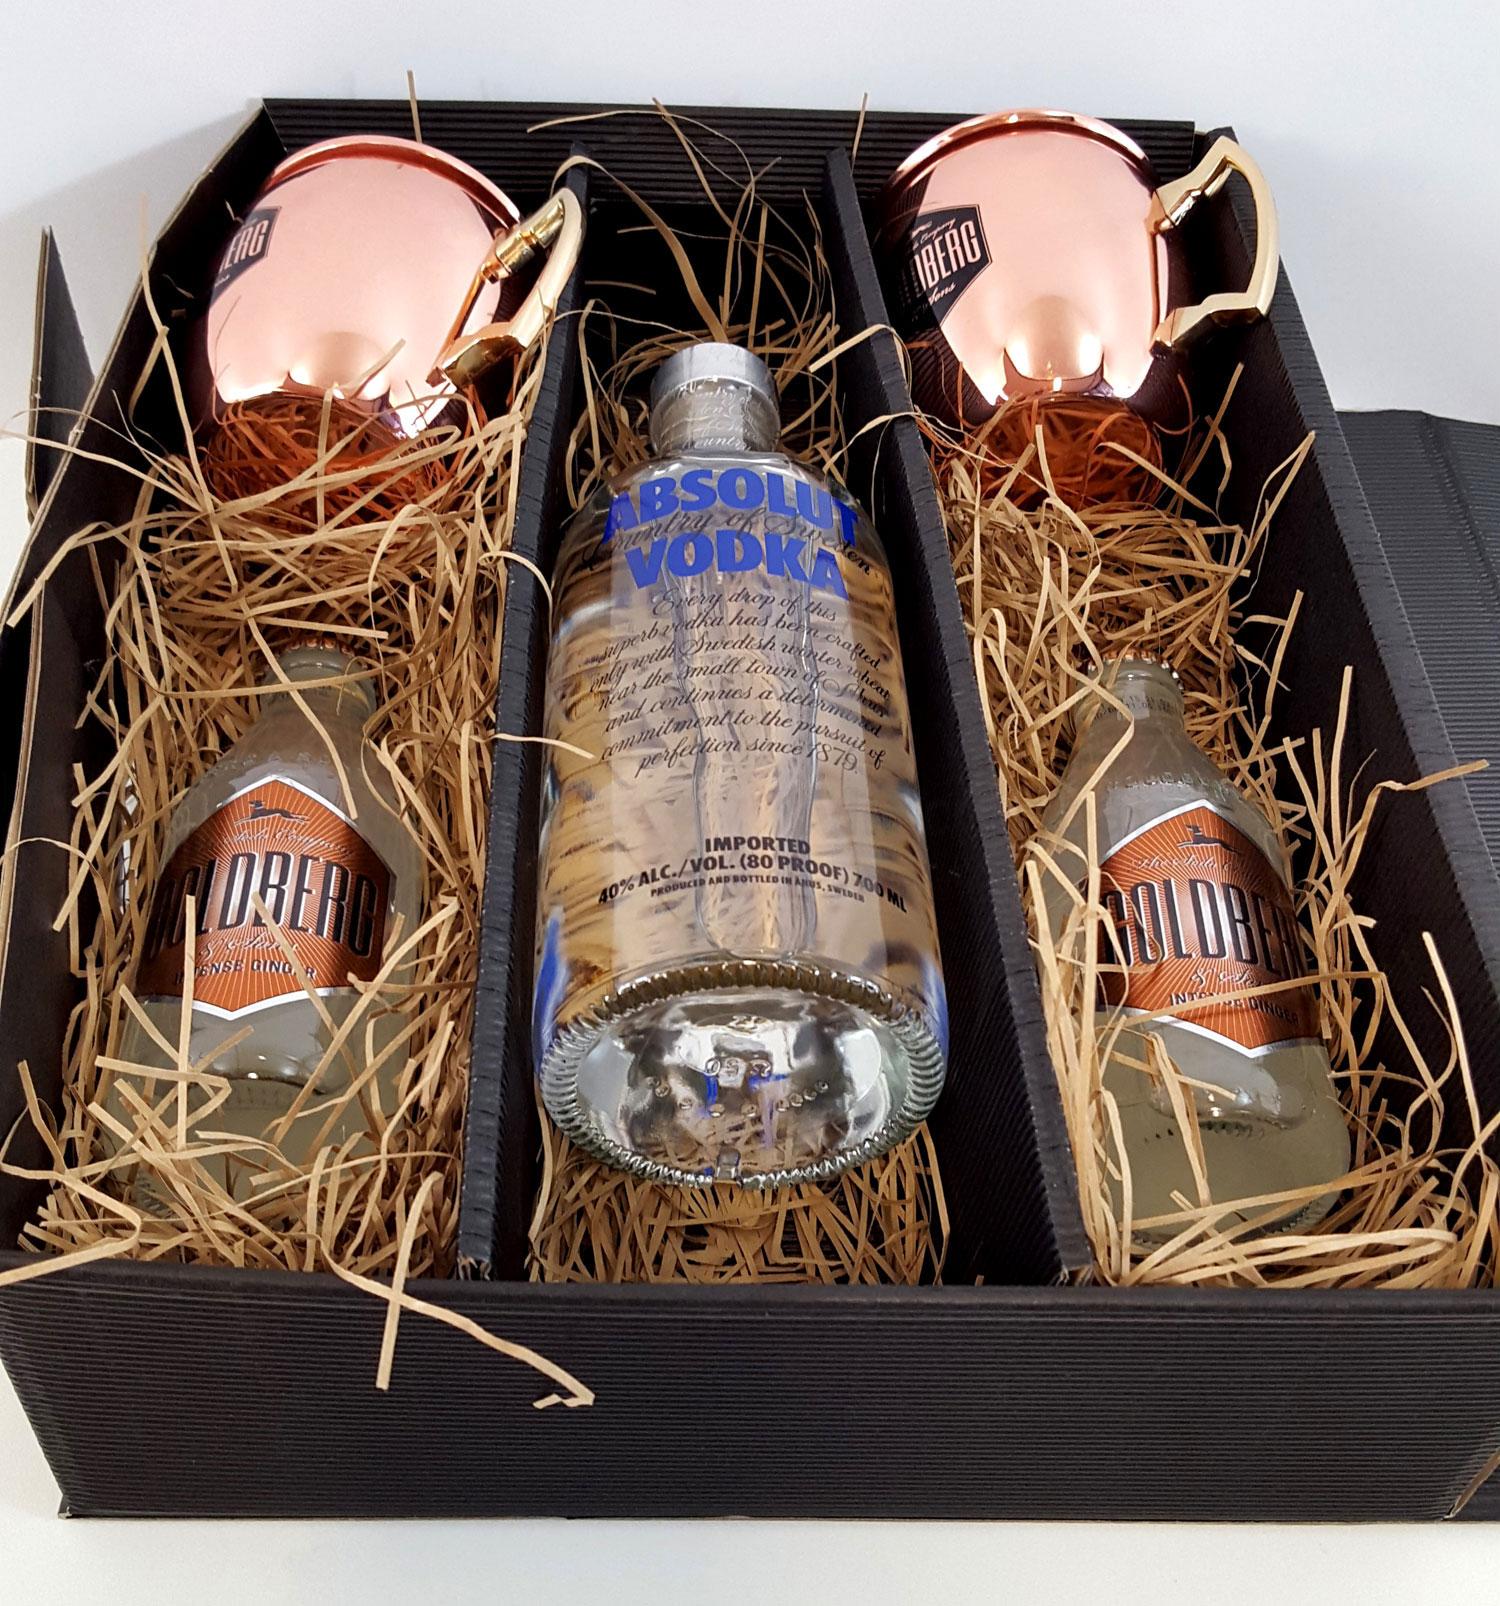 Moscow Mule Set / Geschenkset - Absolut Vodka 0,7l 700ml (40% Vol) + 2x Goldberg Kupferbecher + 2x Goldberg Intense Ginger 200ml - Inkl. Pfand MEHRWEG